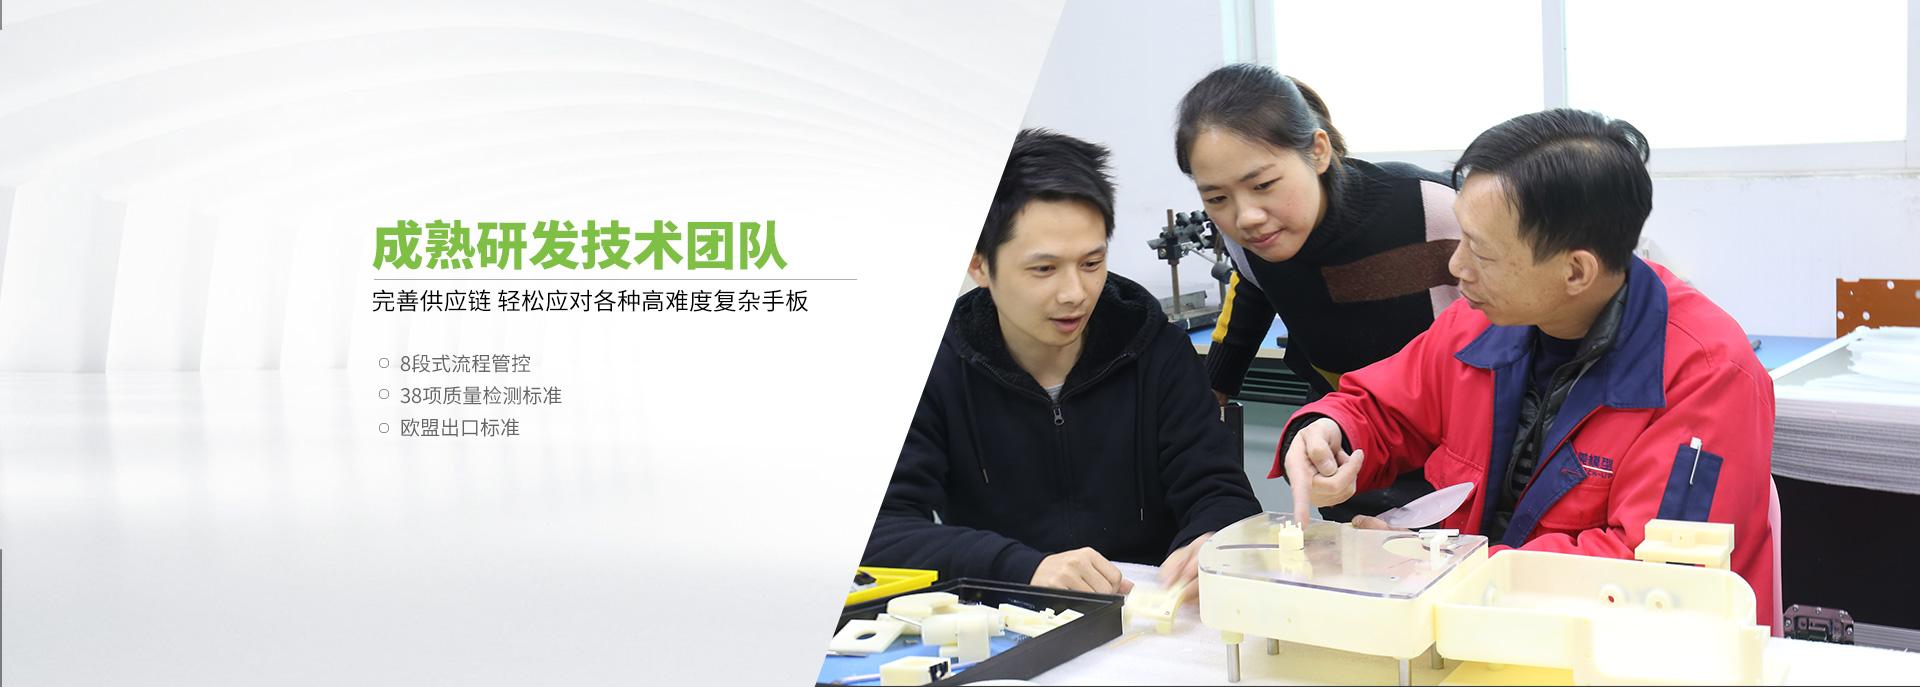 成熟研发技术团队 完善供应链 轻松应对各种高难度复杂手板